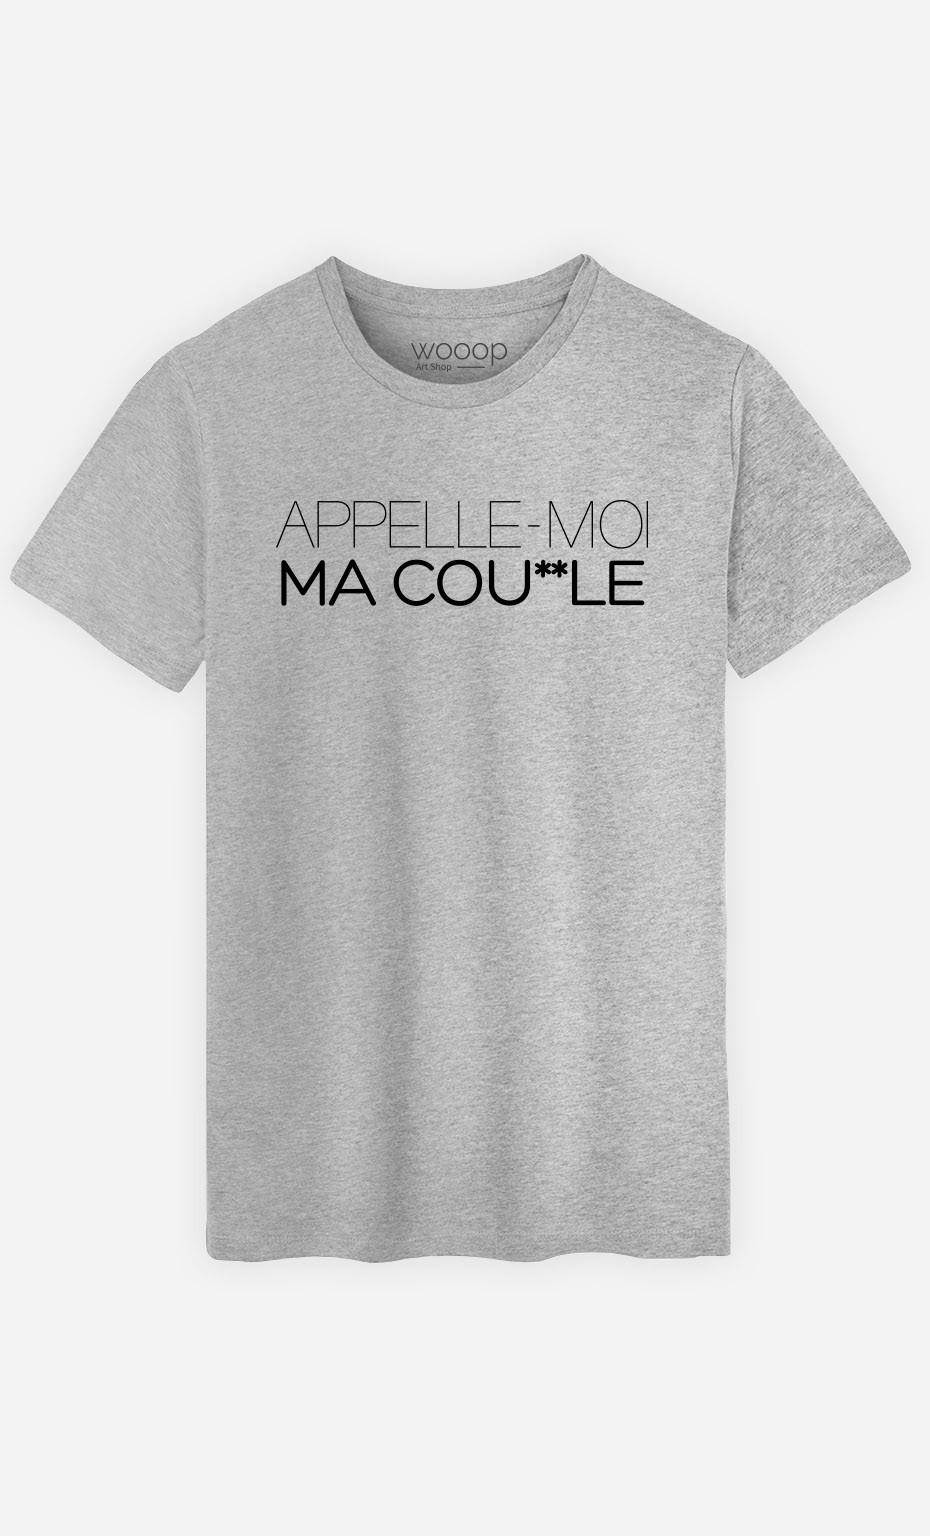 T-Shirt Appelle-Moi Ma Cou*lle